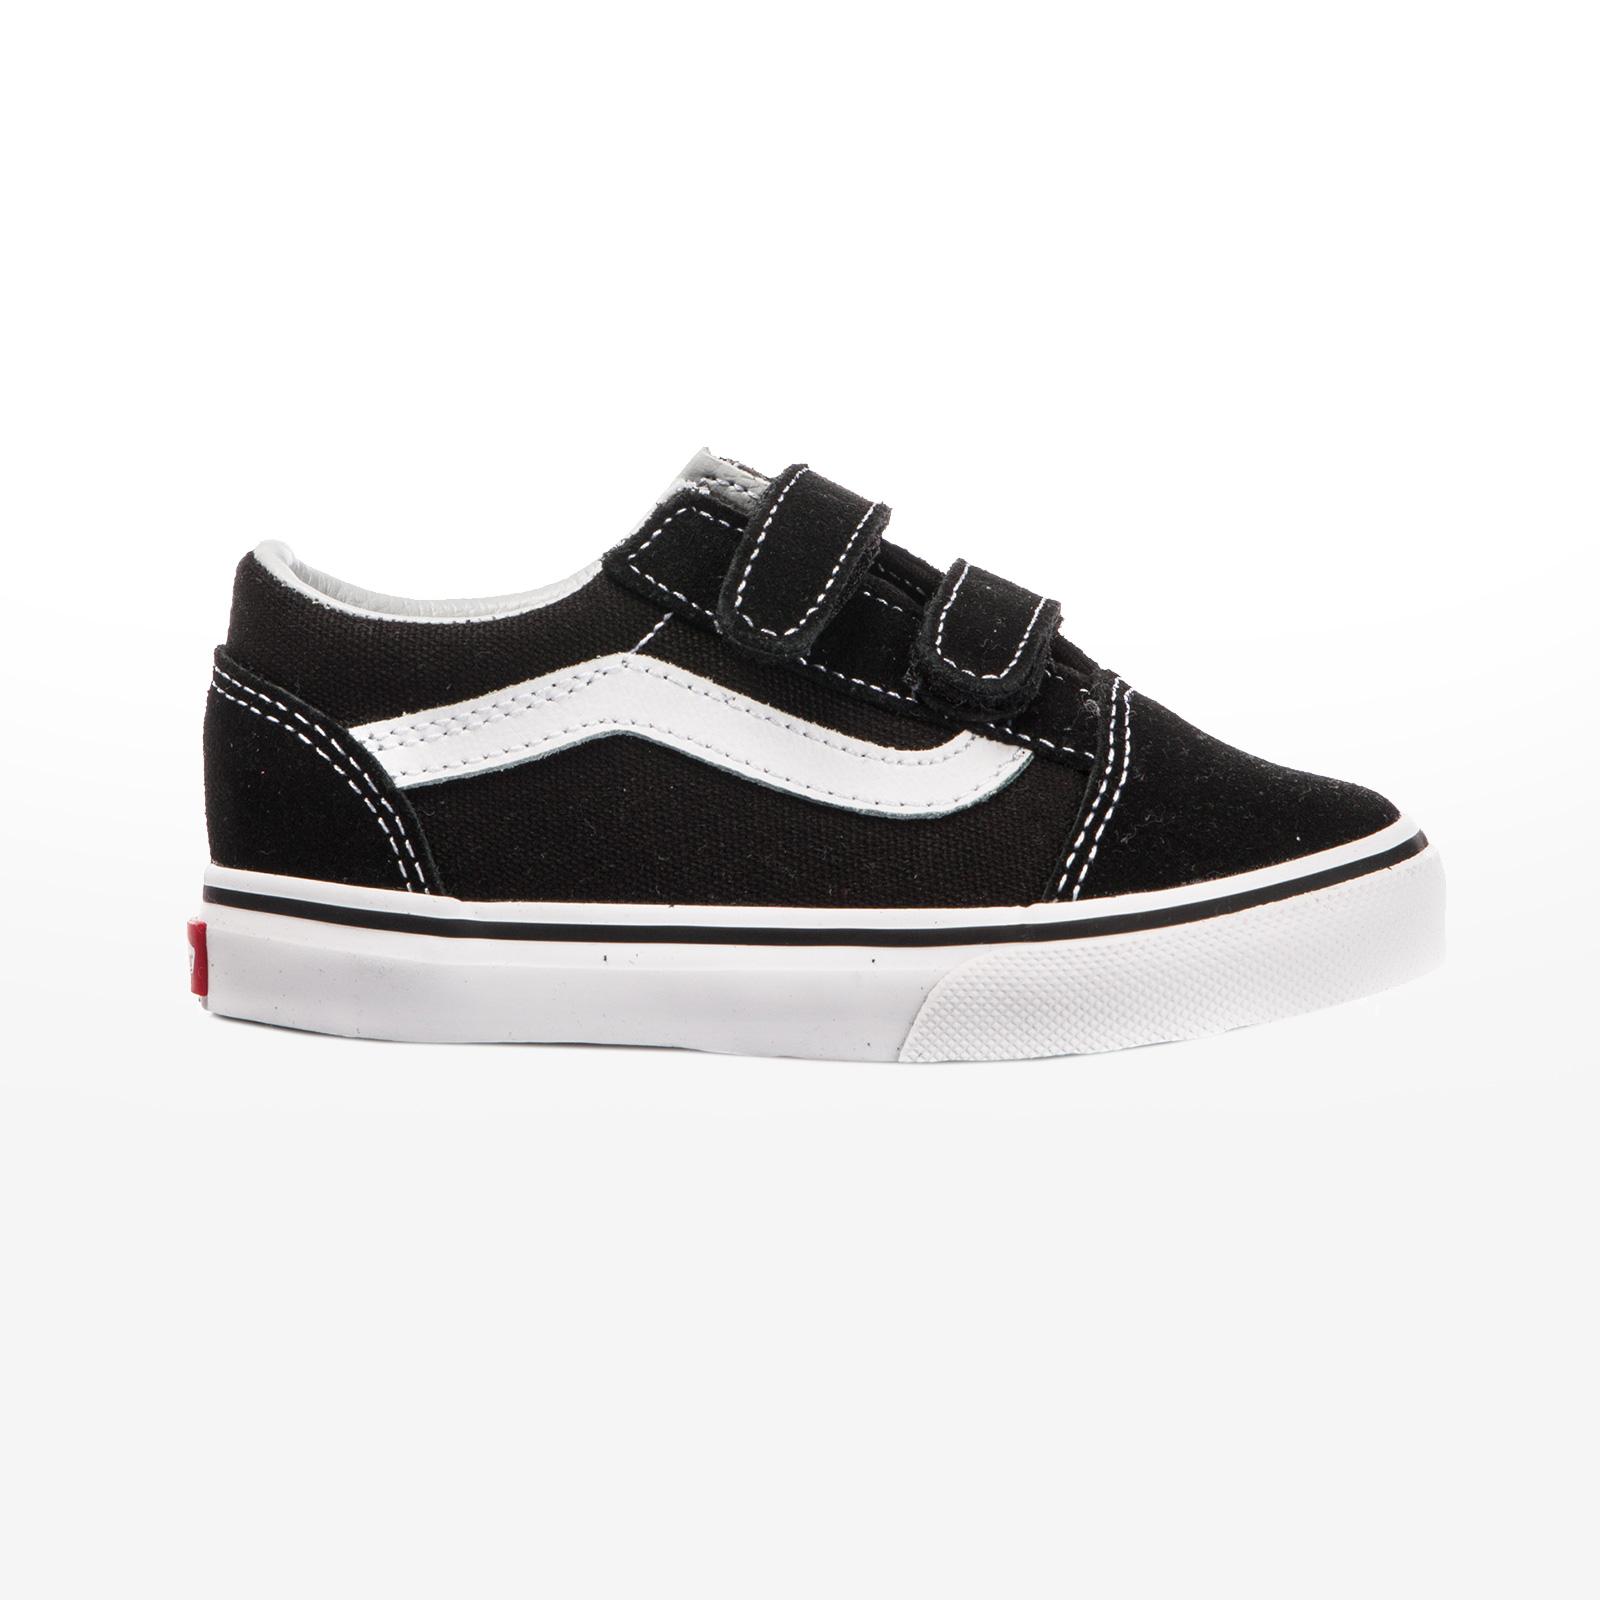 6d238e7befa Vans - TD OLD SKOOL V - BLACK - Roe Shoes Collection